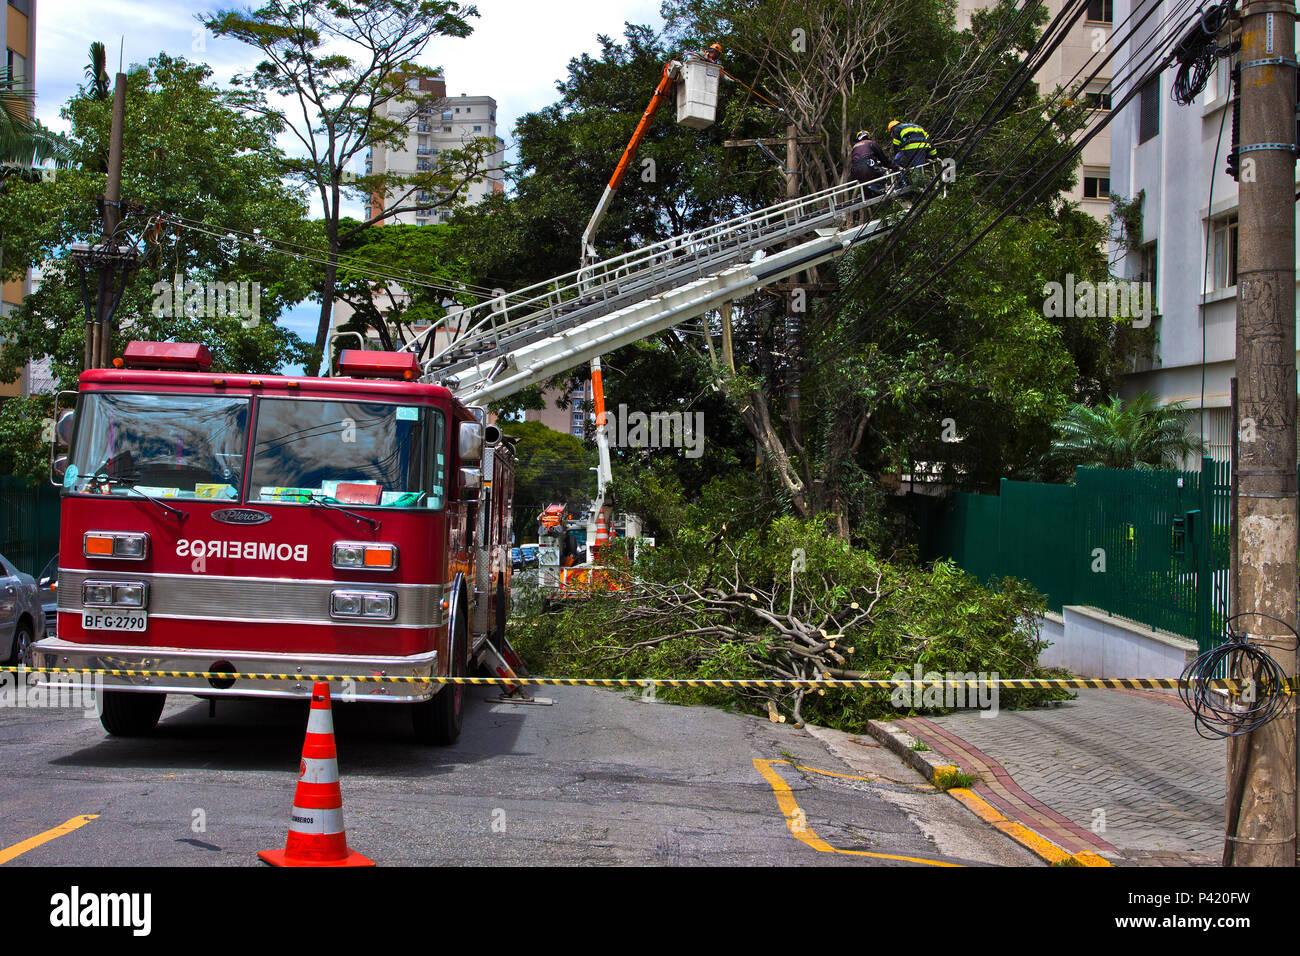 Bombeiros Carro de Bombeiros emergência urgência falta de energia Podando árvore fio elétrico eletricidade energia energia elétrica falta de energia fenômeno natural queda de árvore na rua zona urbana Stock Photo